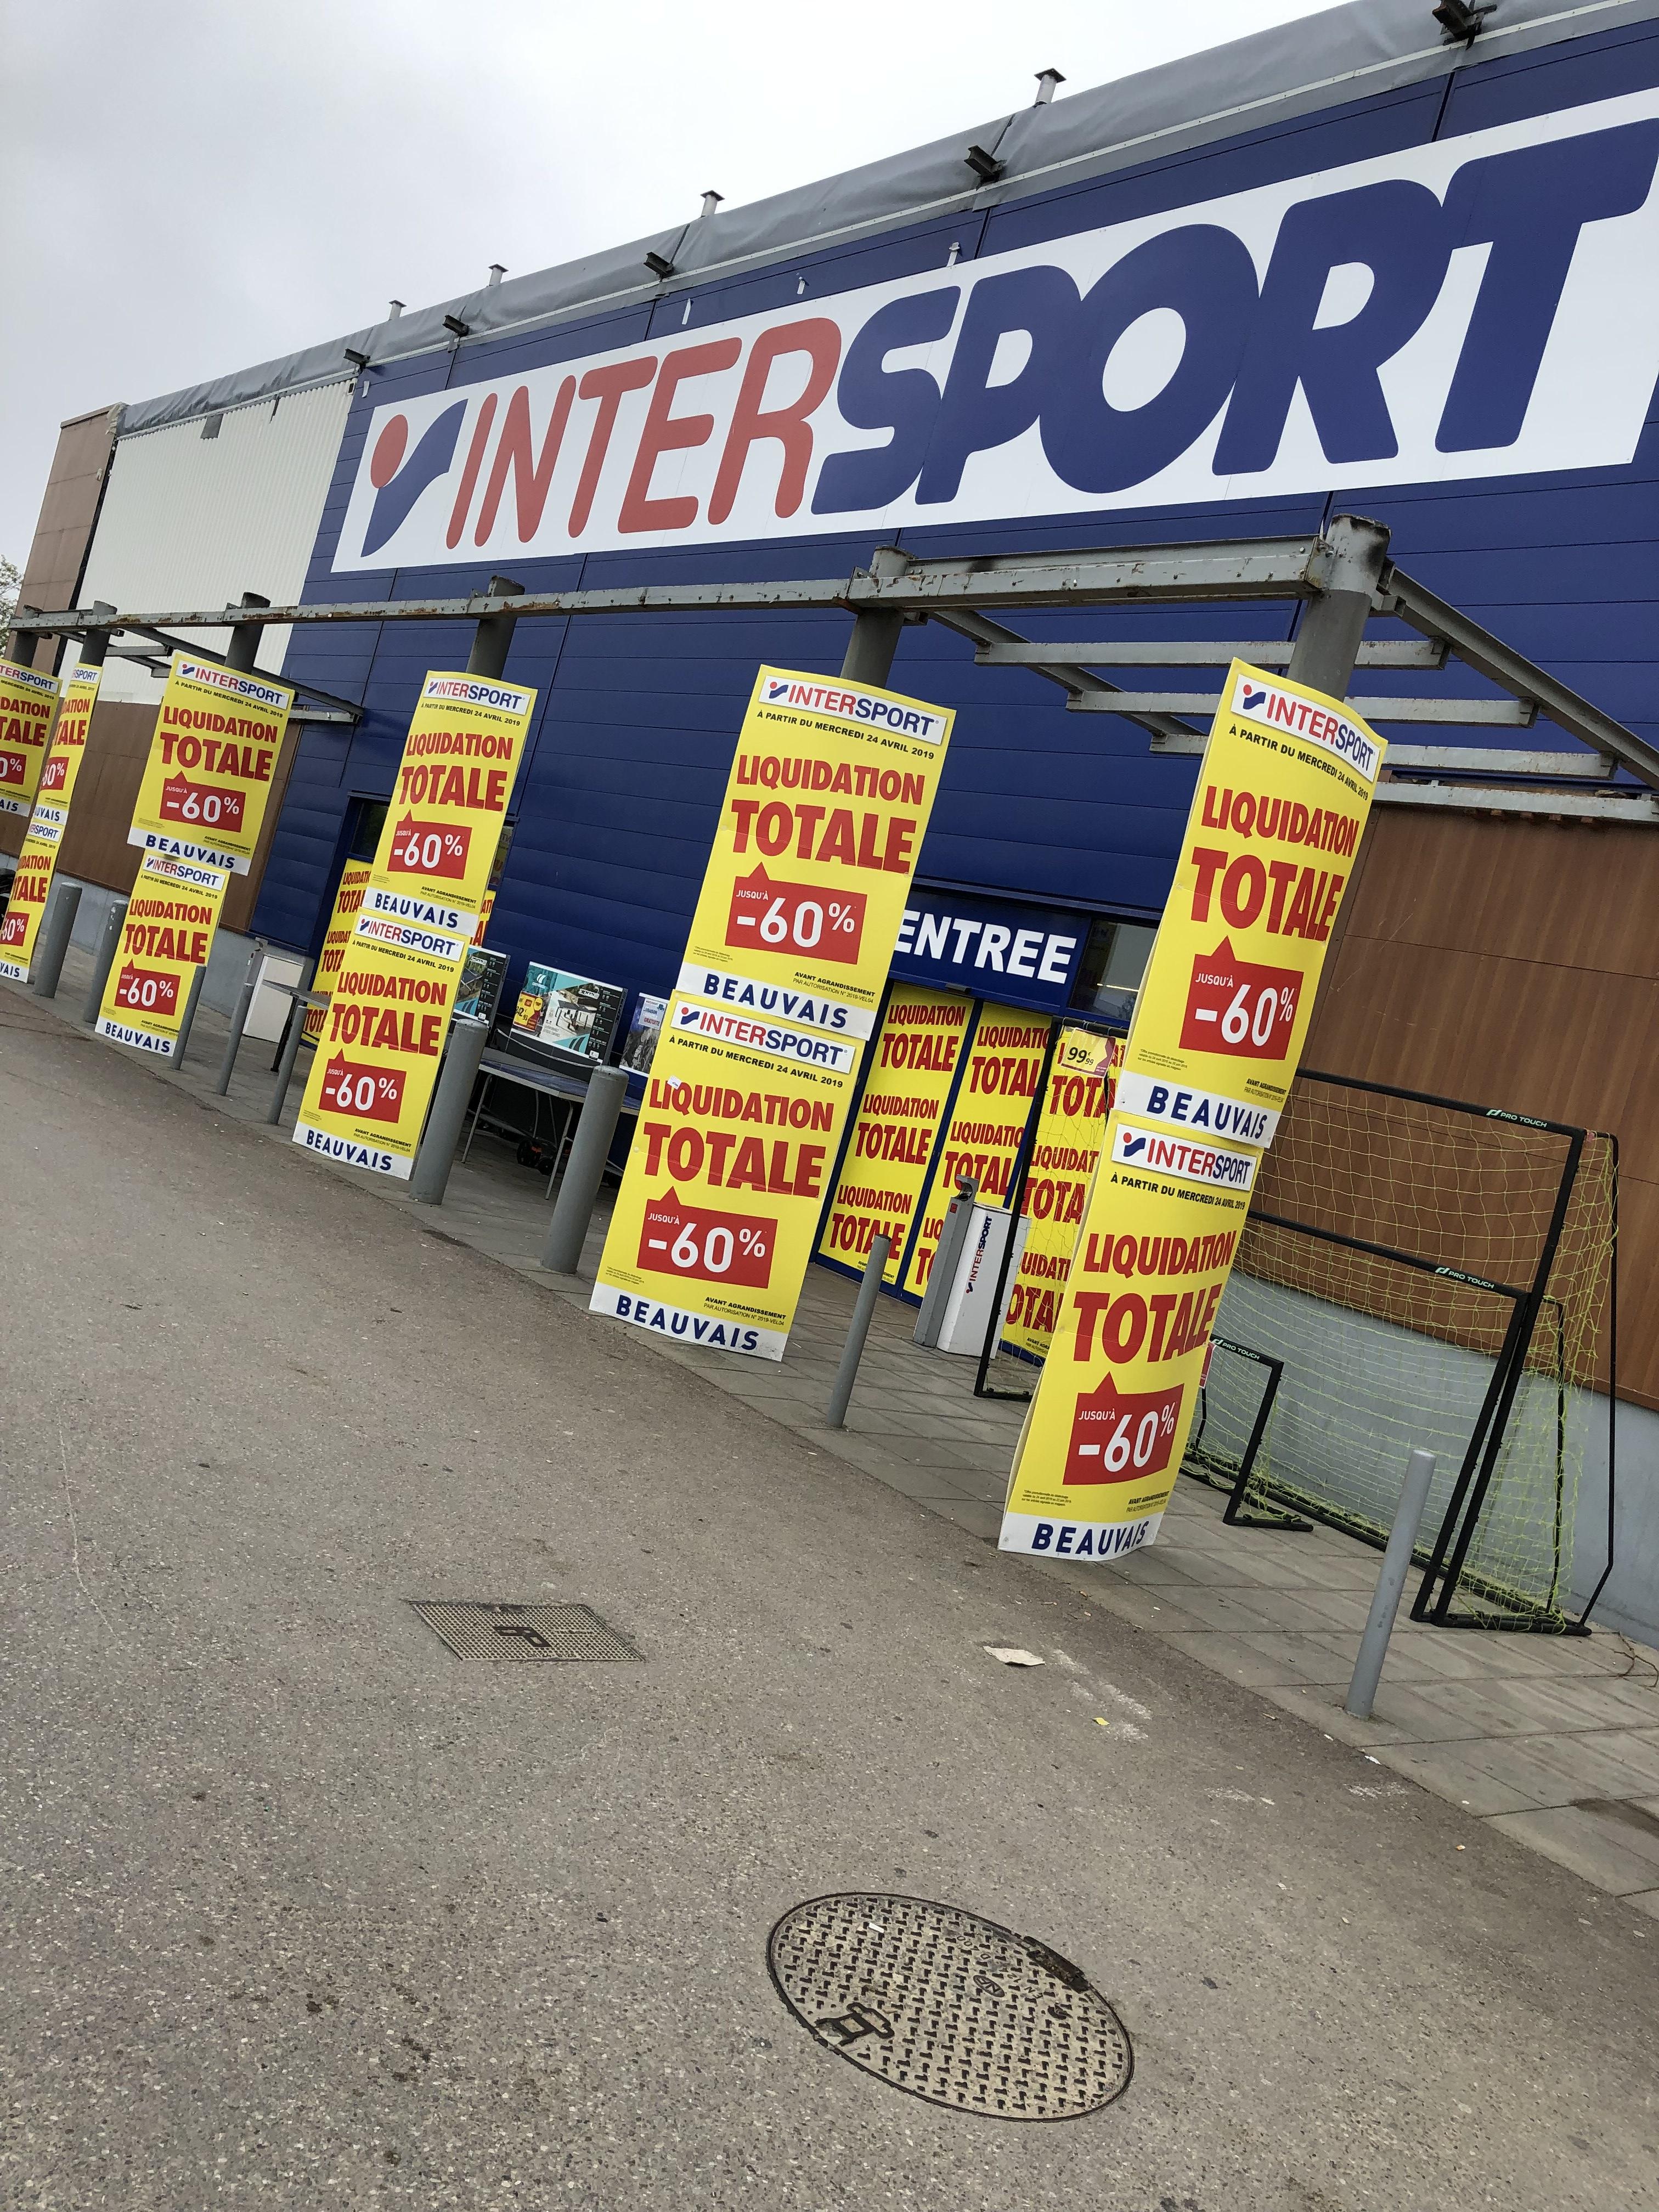 Liquidation totale: Jusqu'à 60% de réduction dans le magasin - Beauvais (60)